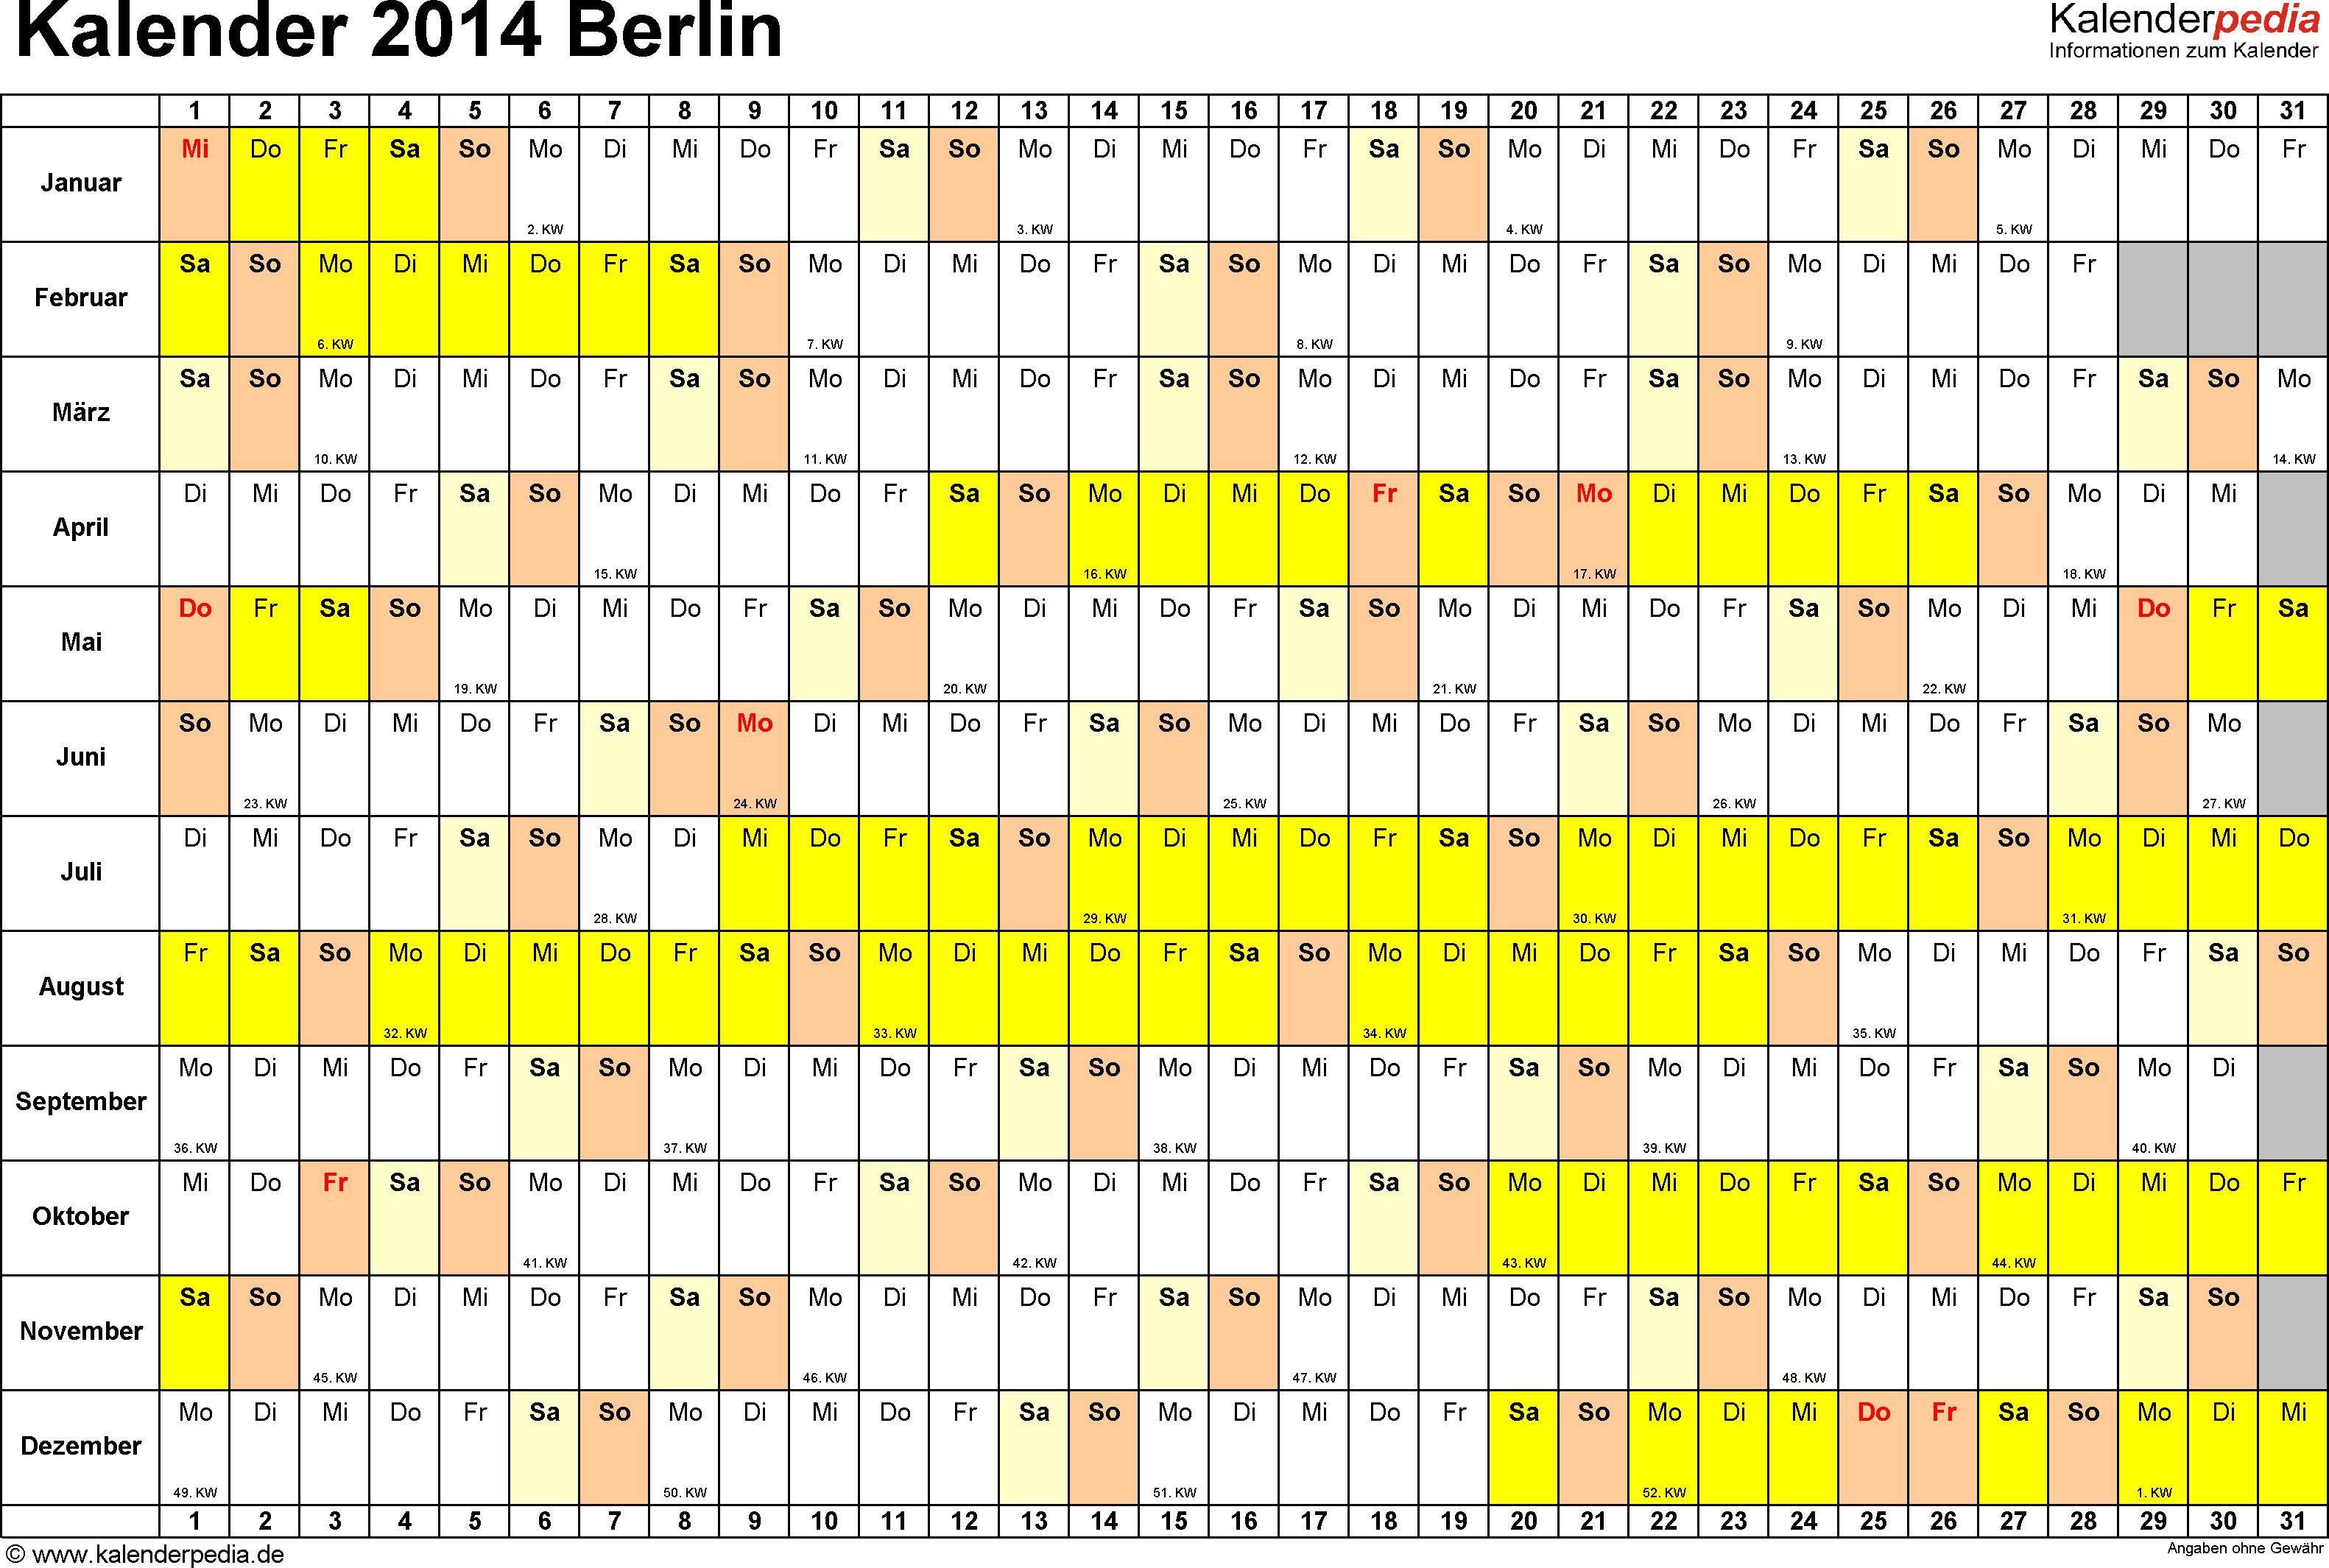 Vorlage 2: Kalender Berlin 2014 im Querformat, Tage nebeneinander